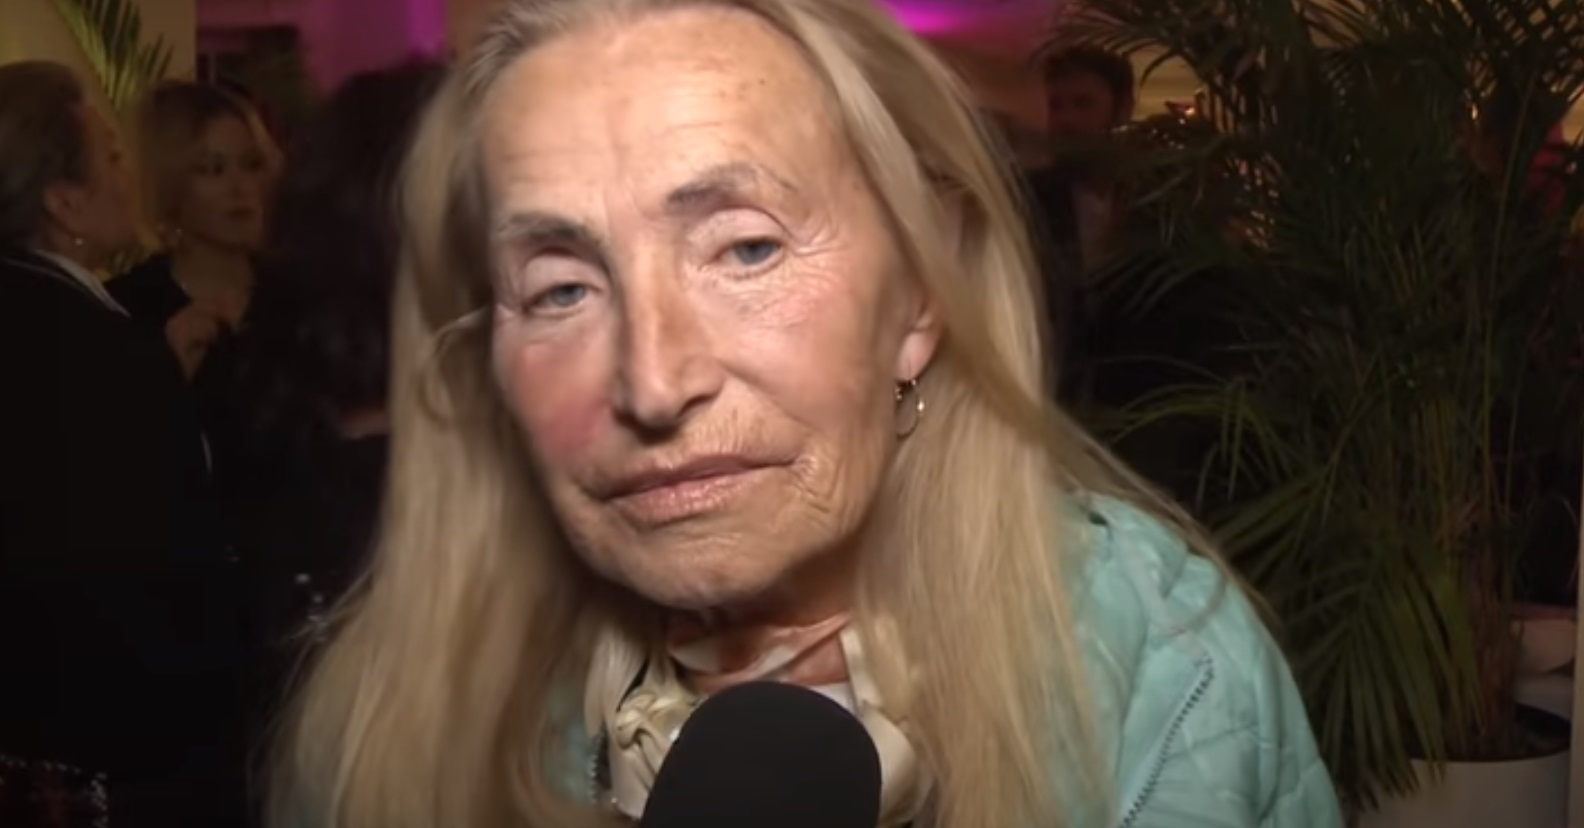 Stan zdrowia gwiazdy telewizji znacznie się pogorszył, Bogumiła Wander przebywa w ośrodku od dwóch lat, choroba na jaką cierpi to Alzheimer.